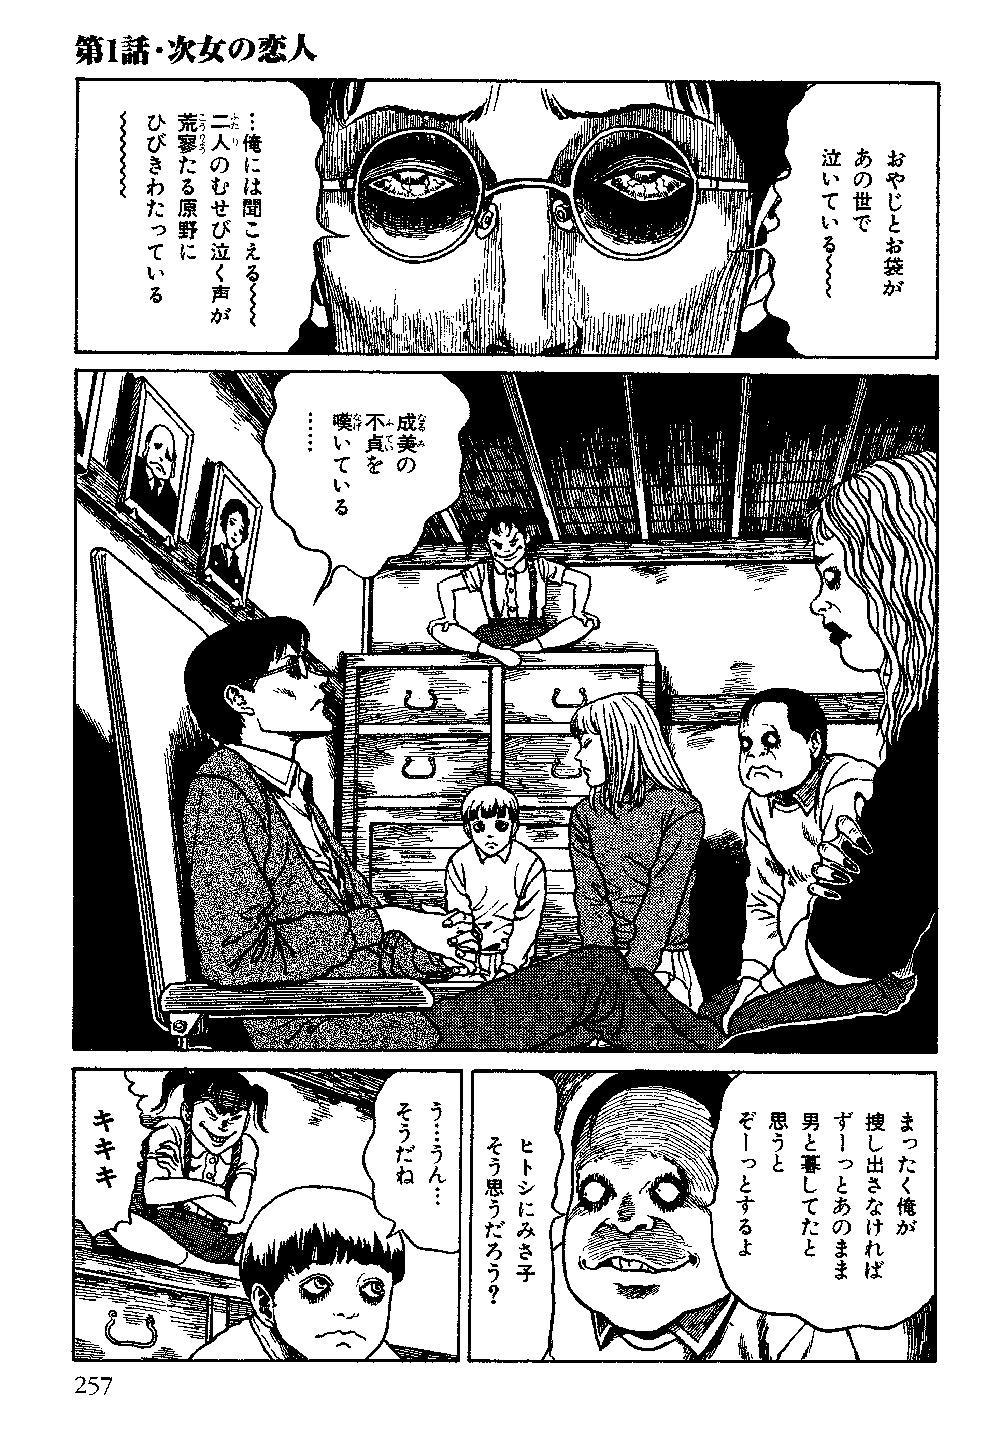 itouj_0004_0259.jpg